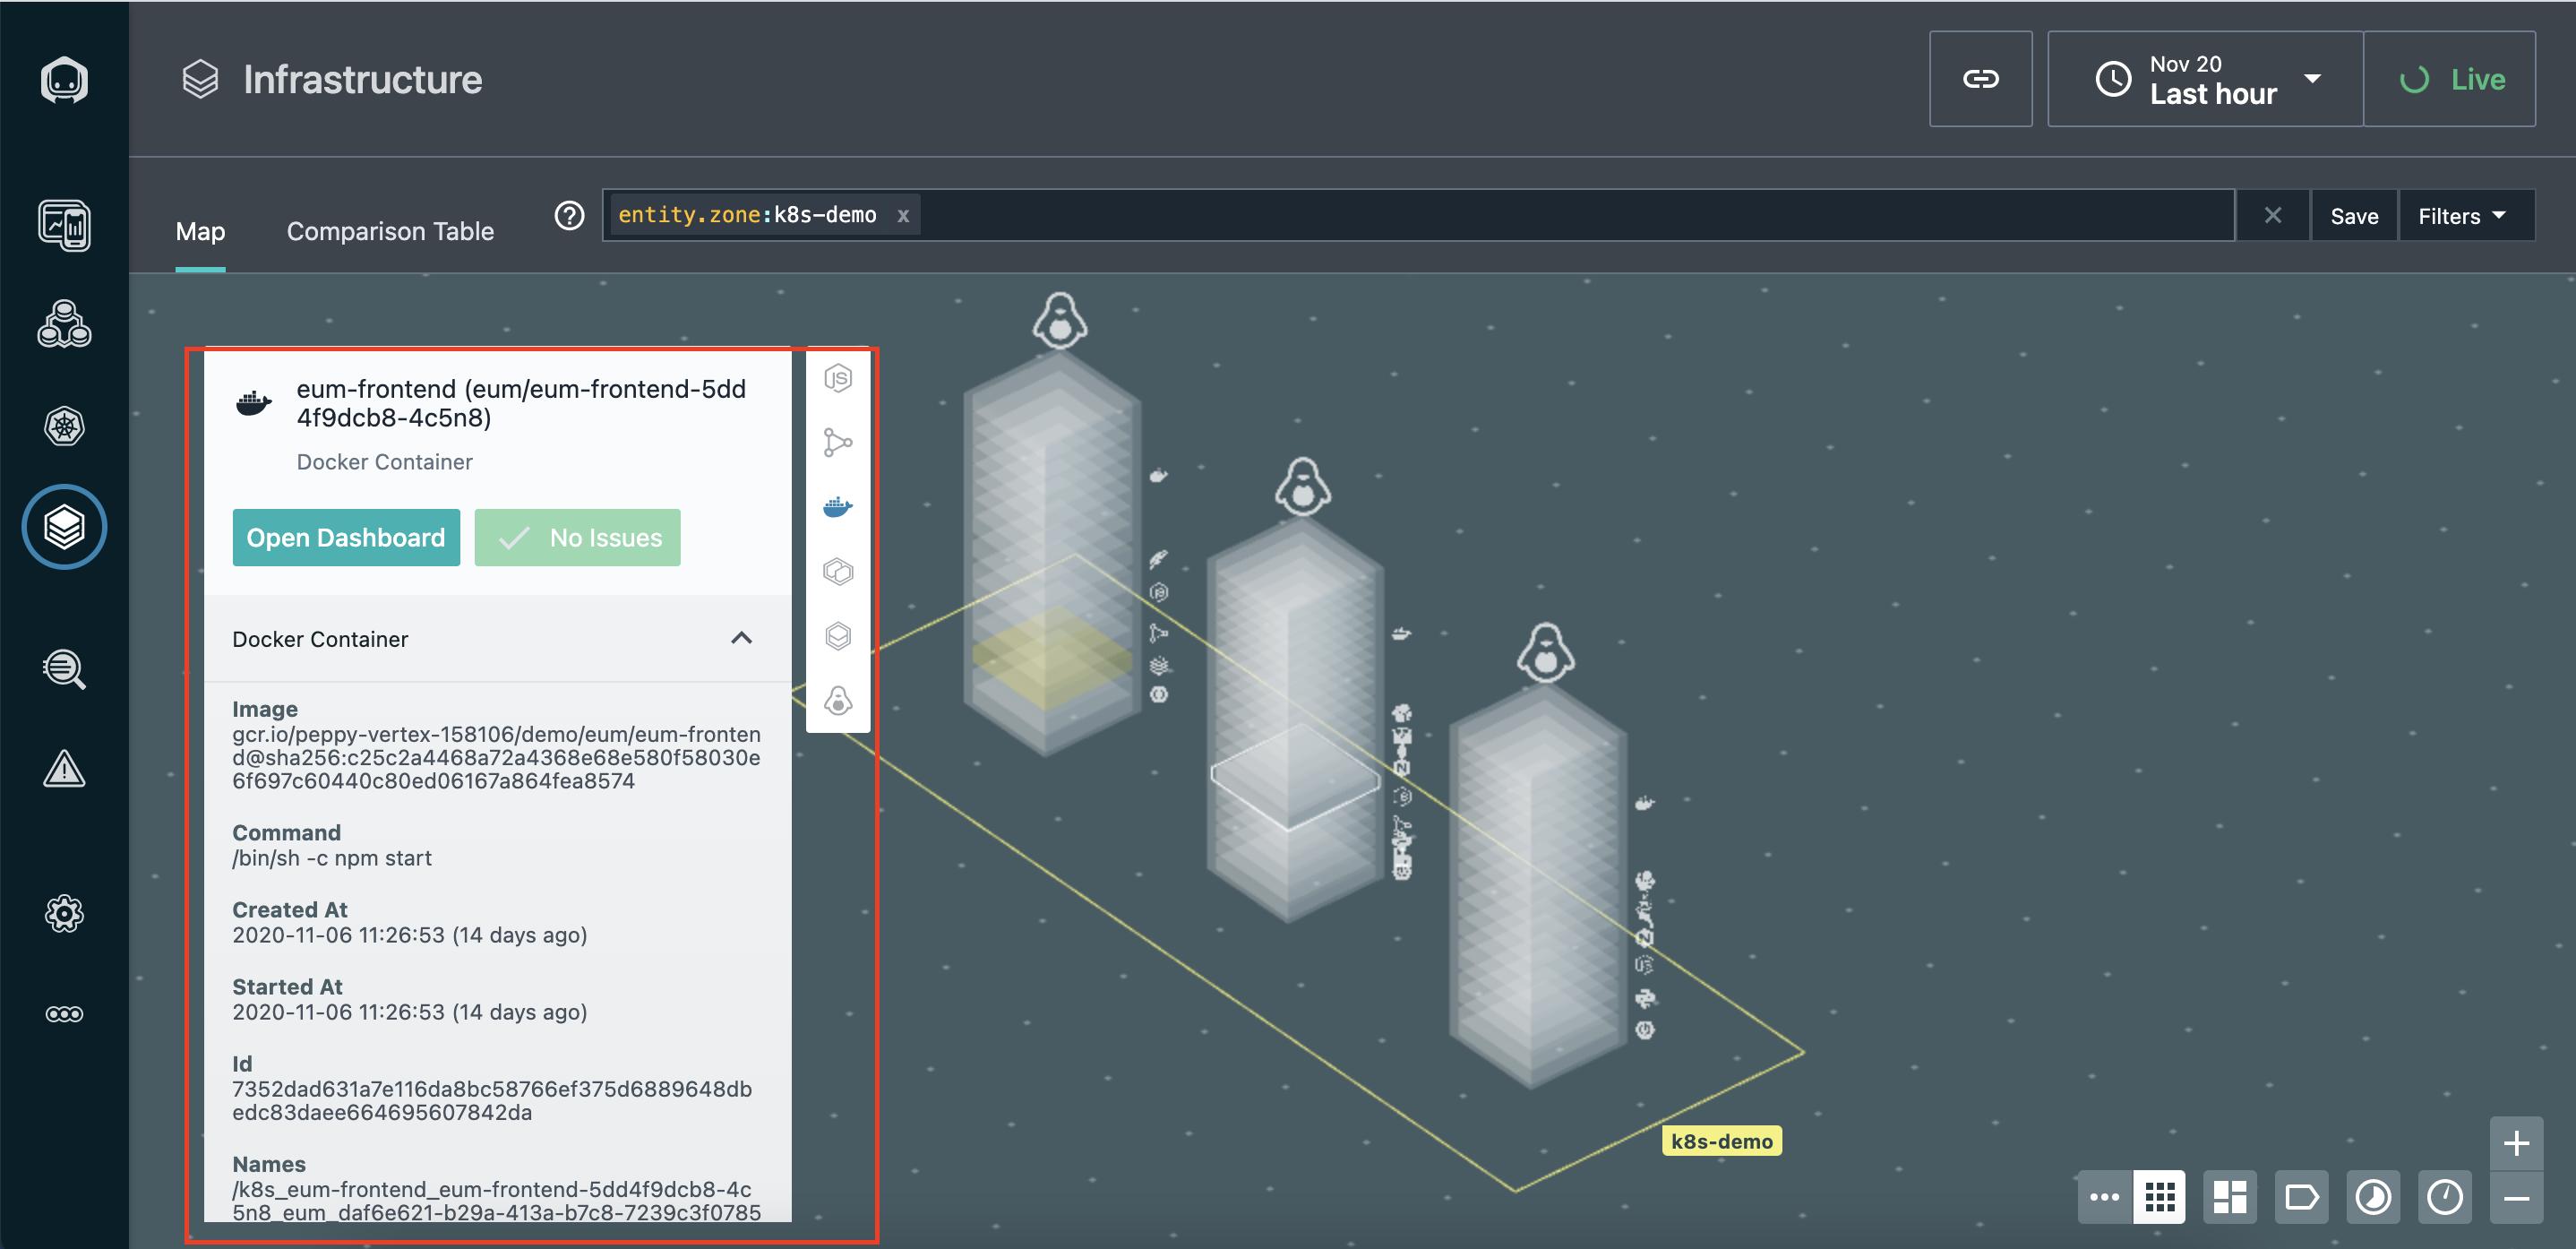 Свойства выбранного Docker контейнера на карте инфраструктуры